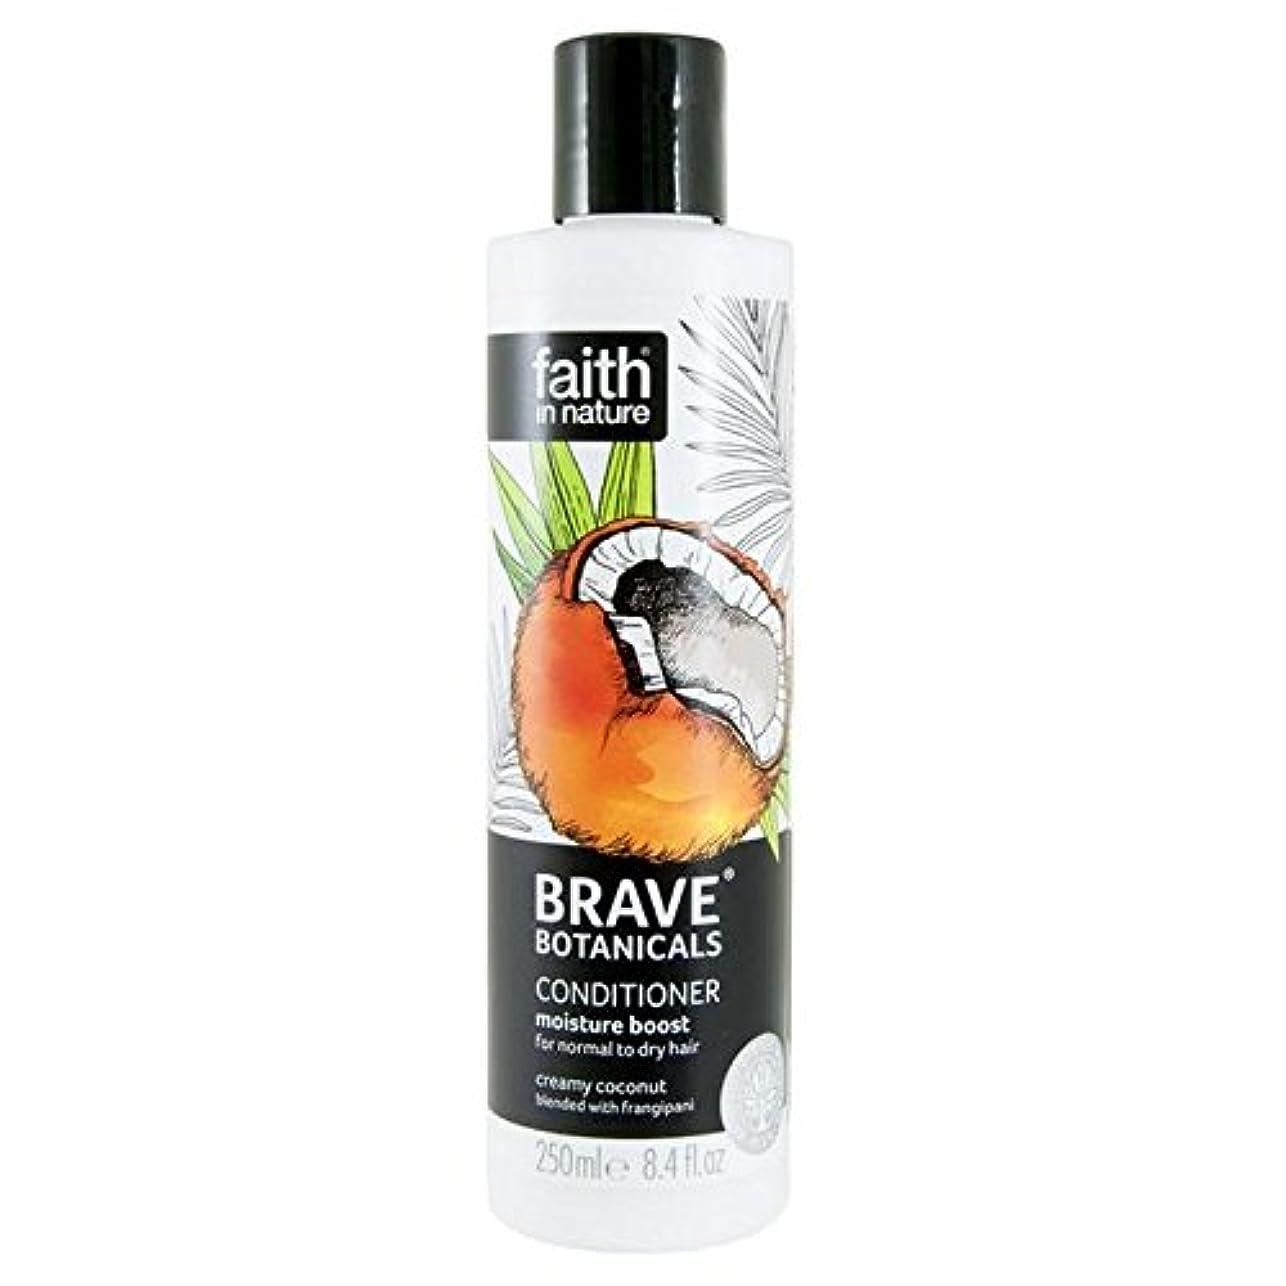 プレミア狂人早くBrave Botanicals Coconut & Frangipani Moisture Boost Conditioner 250ml (Pack of 2) - (Faith In Nature) 勇敢な植物ココナッツ...